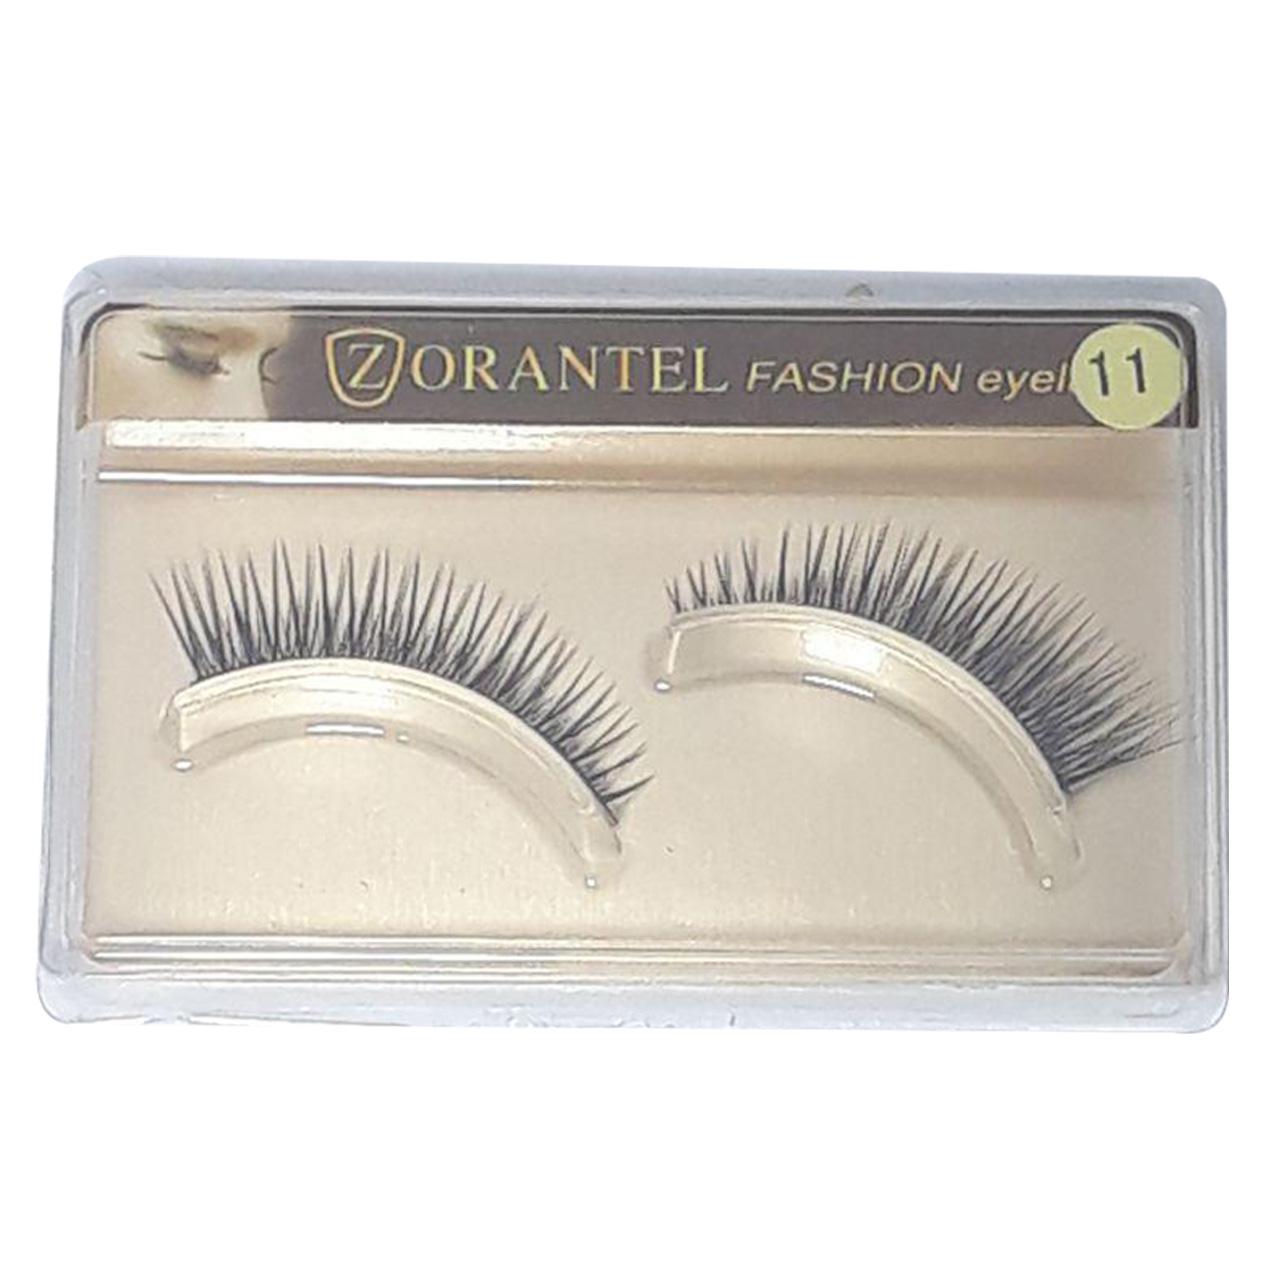 خرید                                      مژه زورانتل مدل Fashion Eye شماره 11